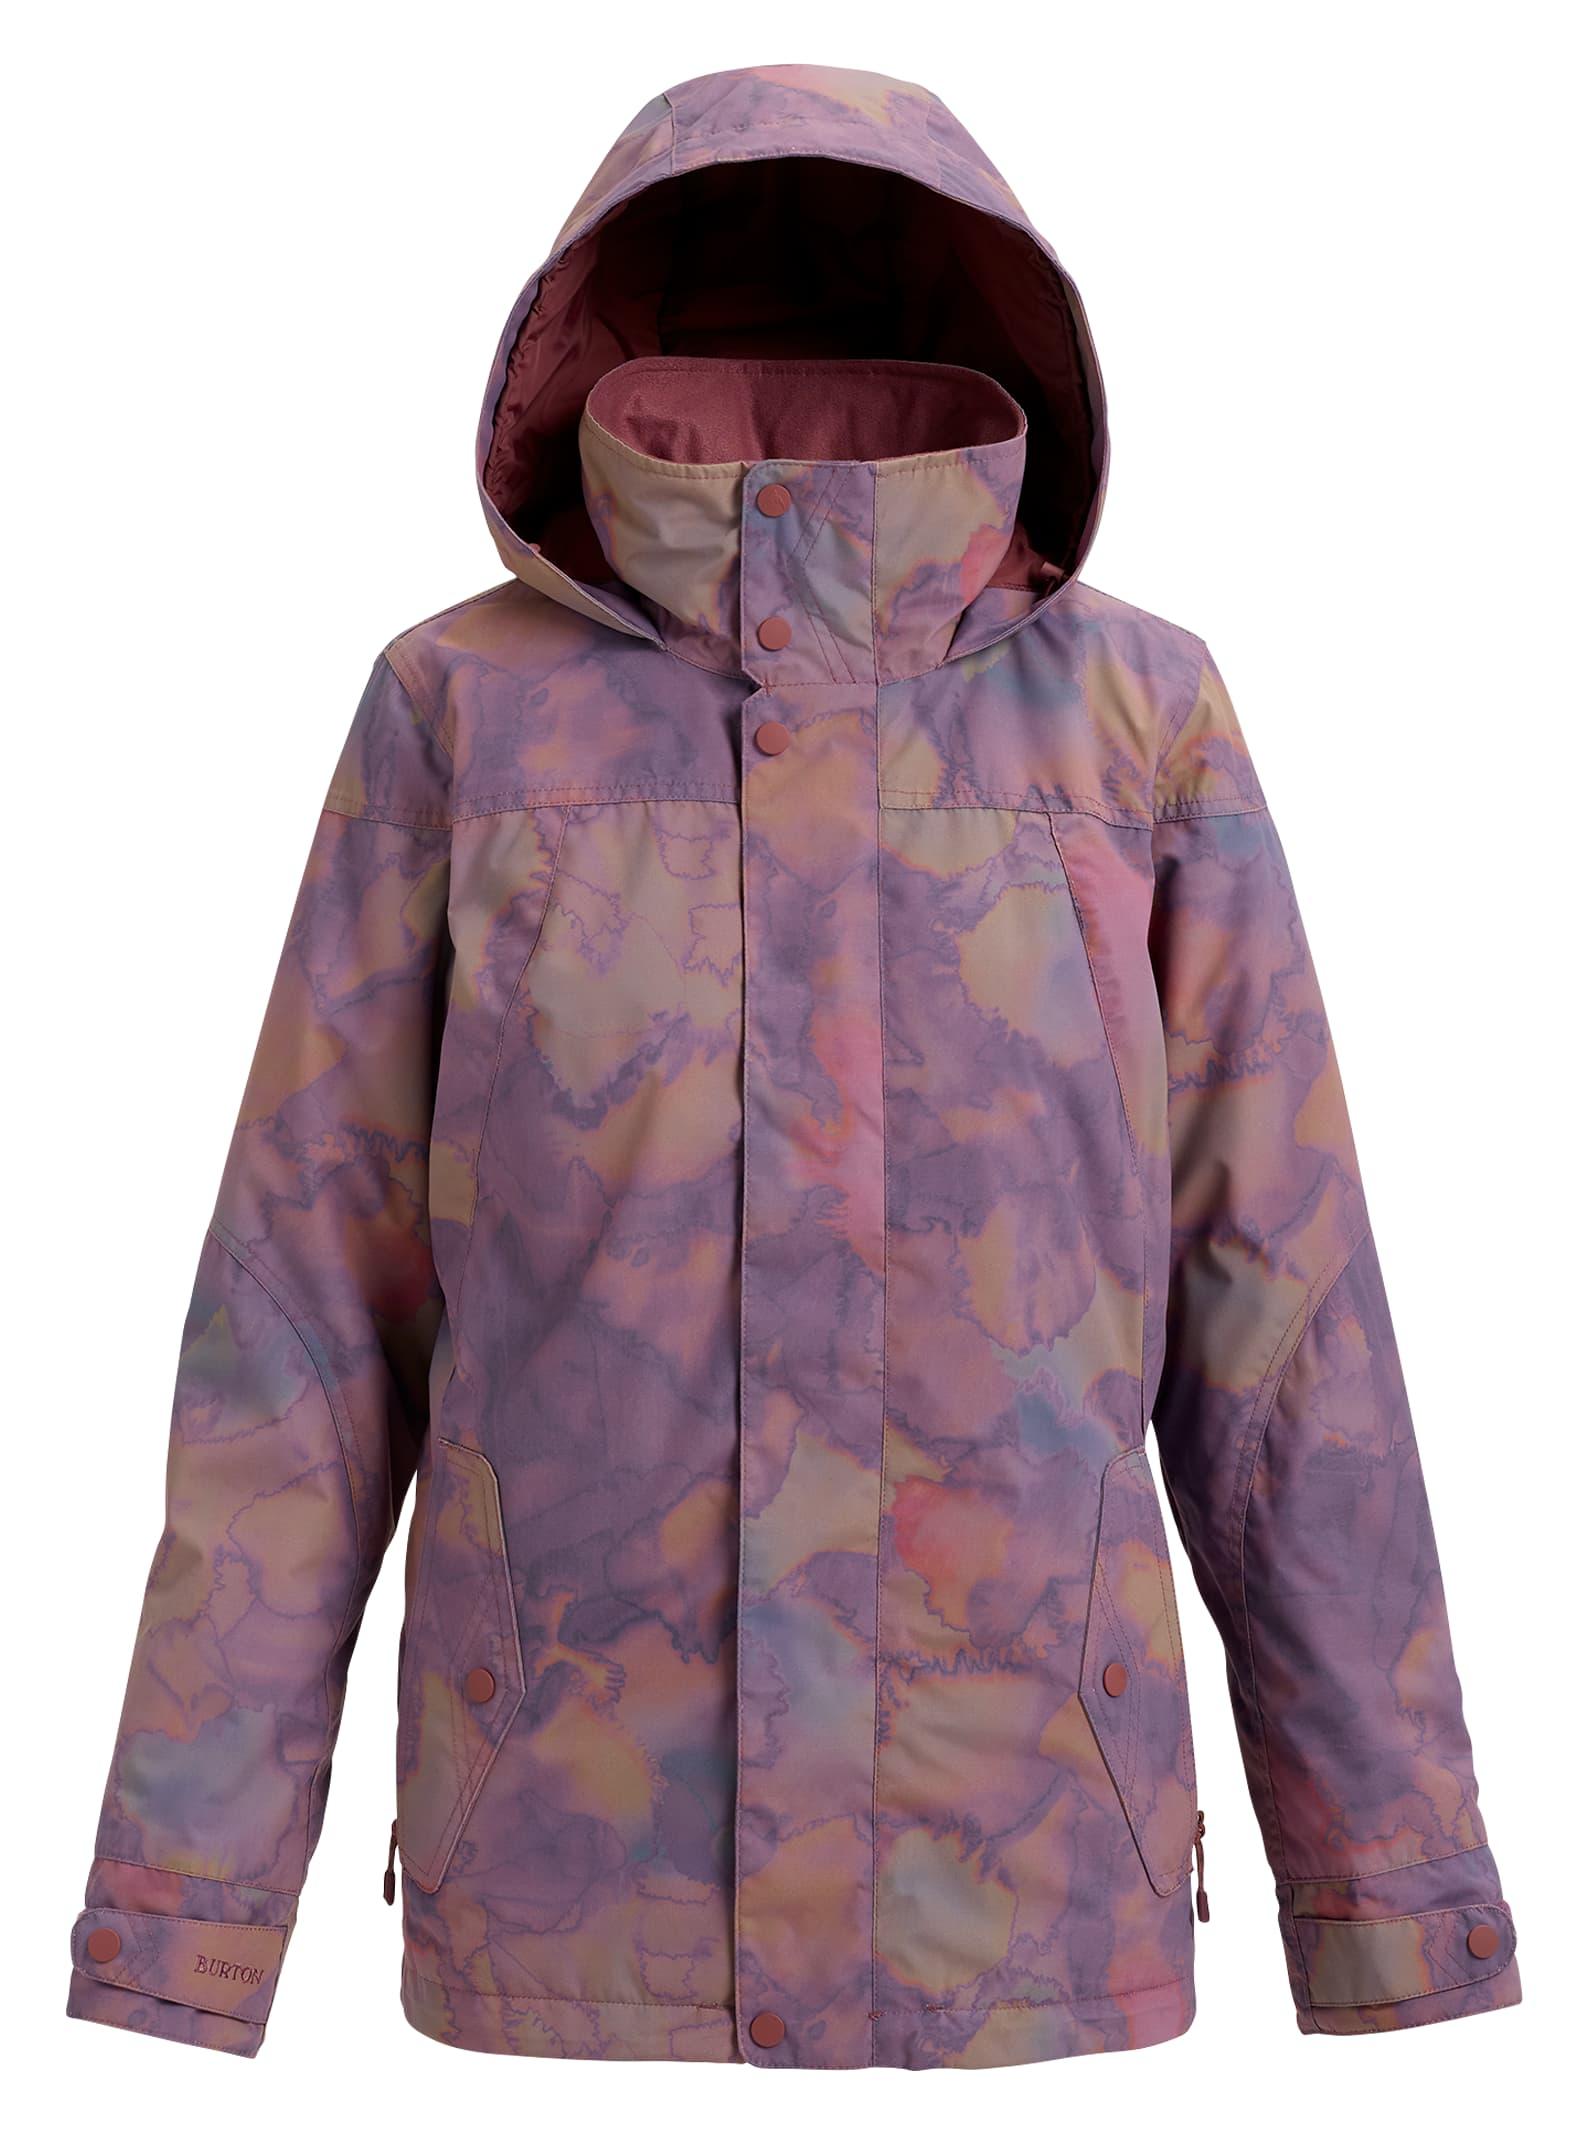 Manteau d'hiver femme burton